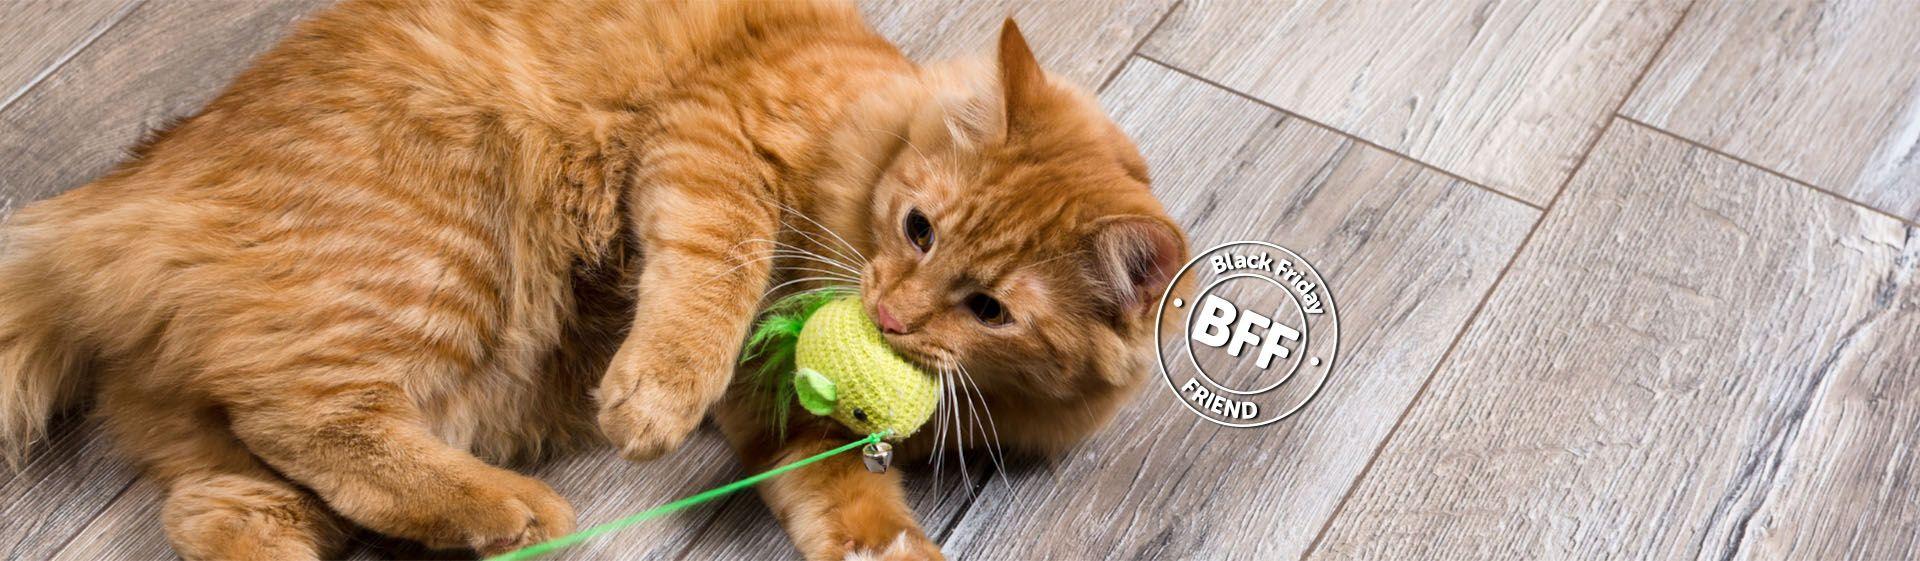 Brinquedo para gato: qual é o melhor modelo?